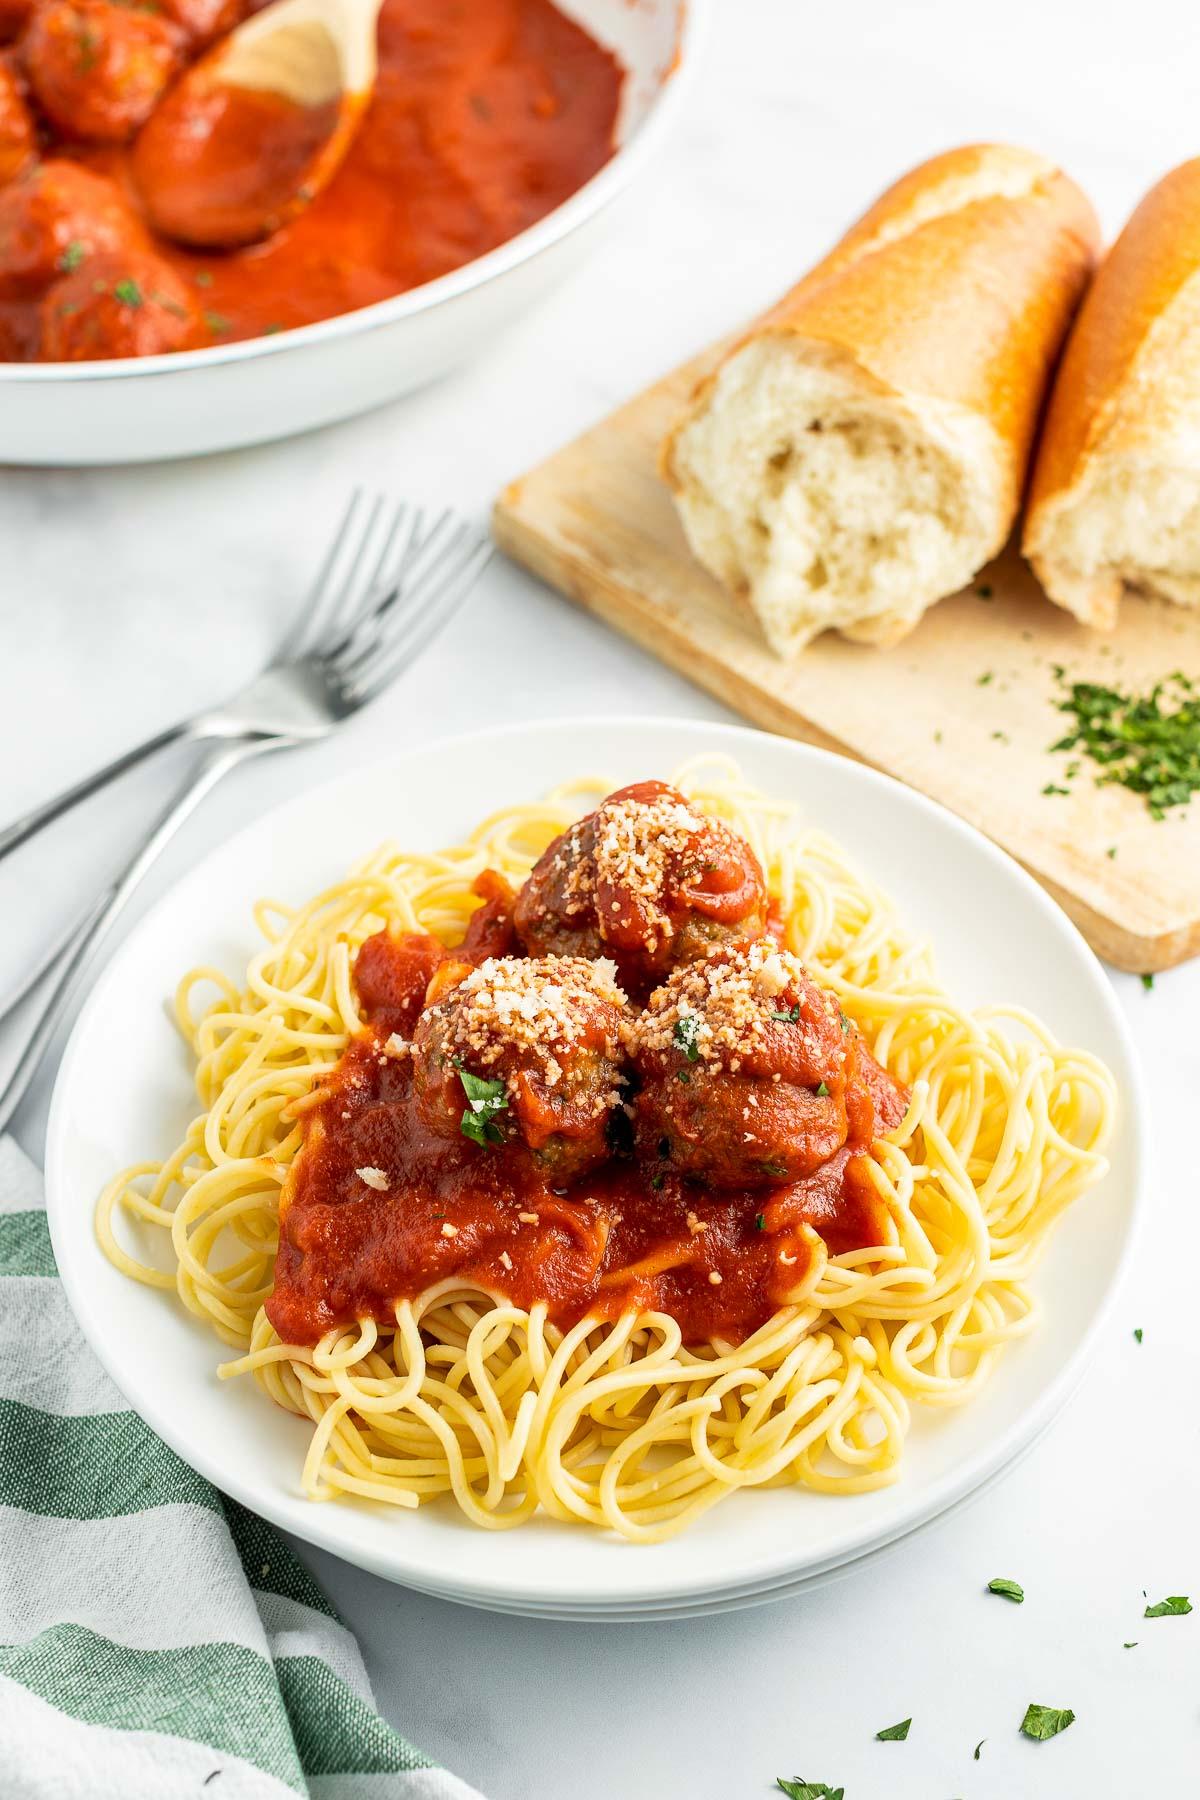 baked Italian Meatballs with pasta